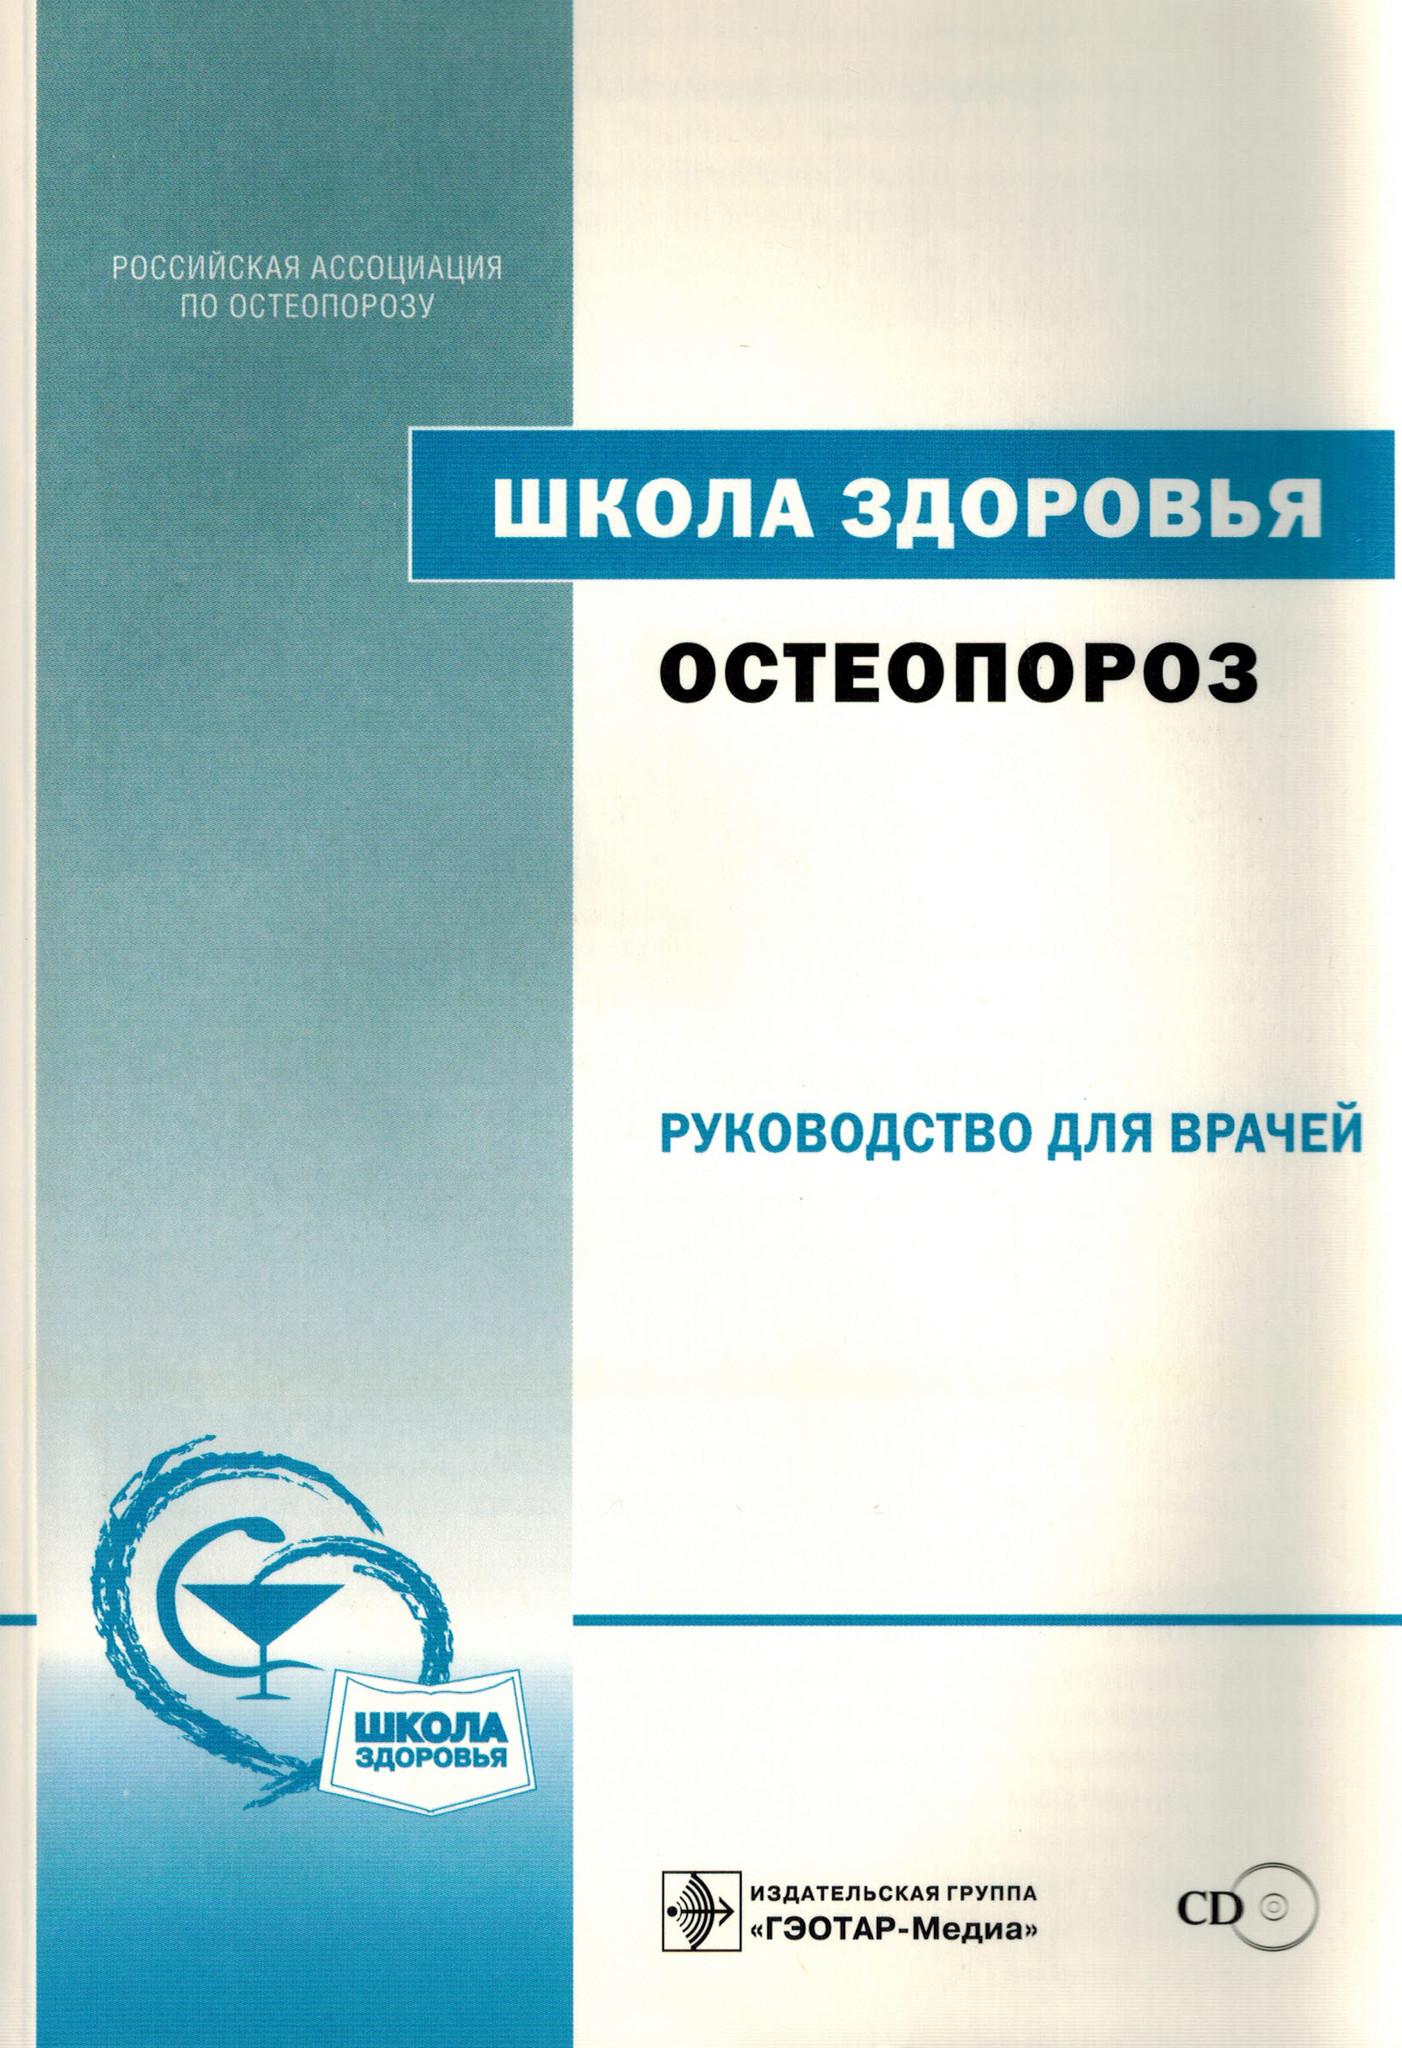 Каталог Остеопороз. Руководство. Школа здоровья ost1_0002.jpg